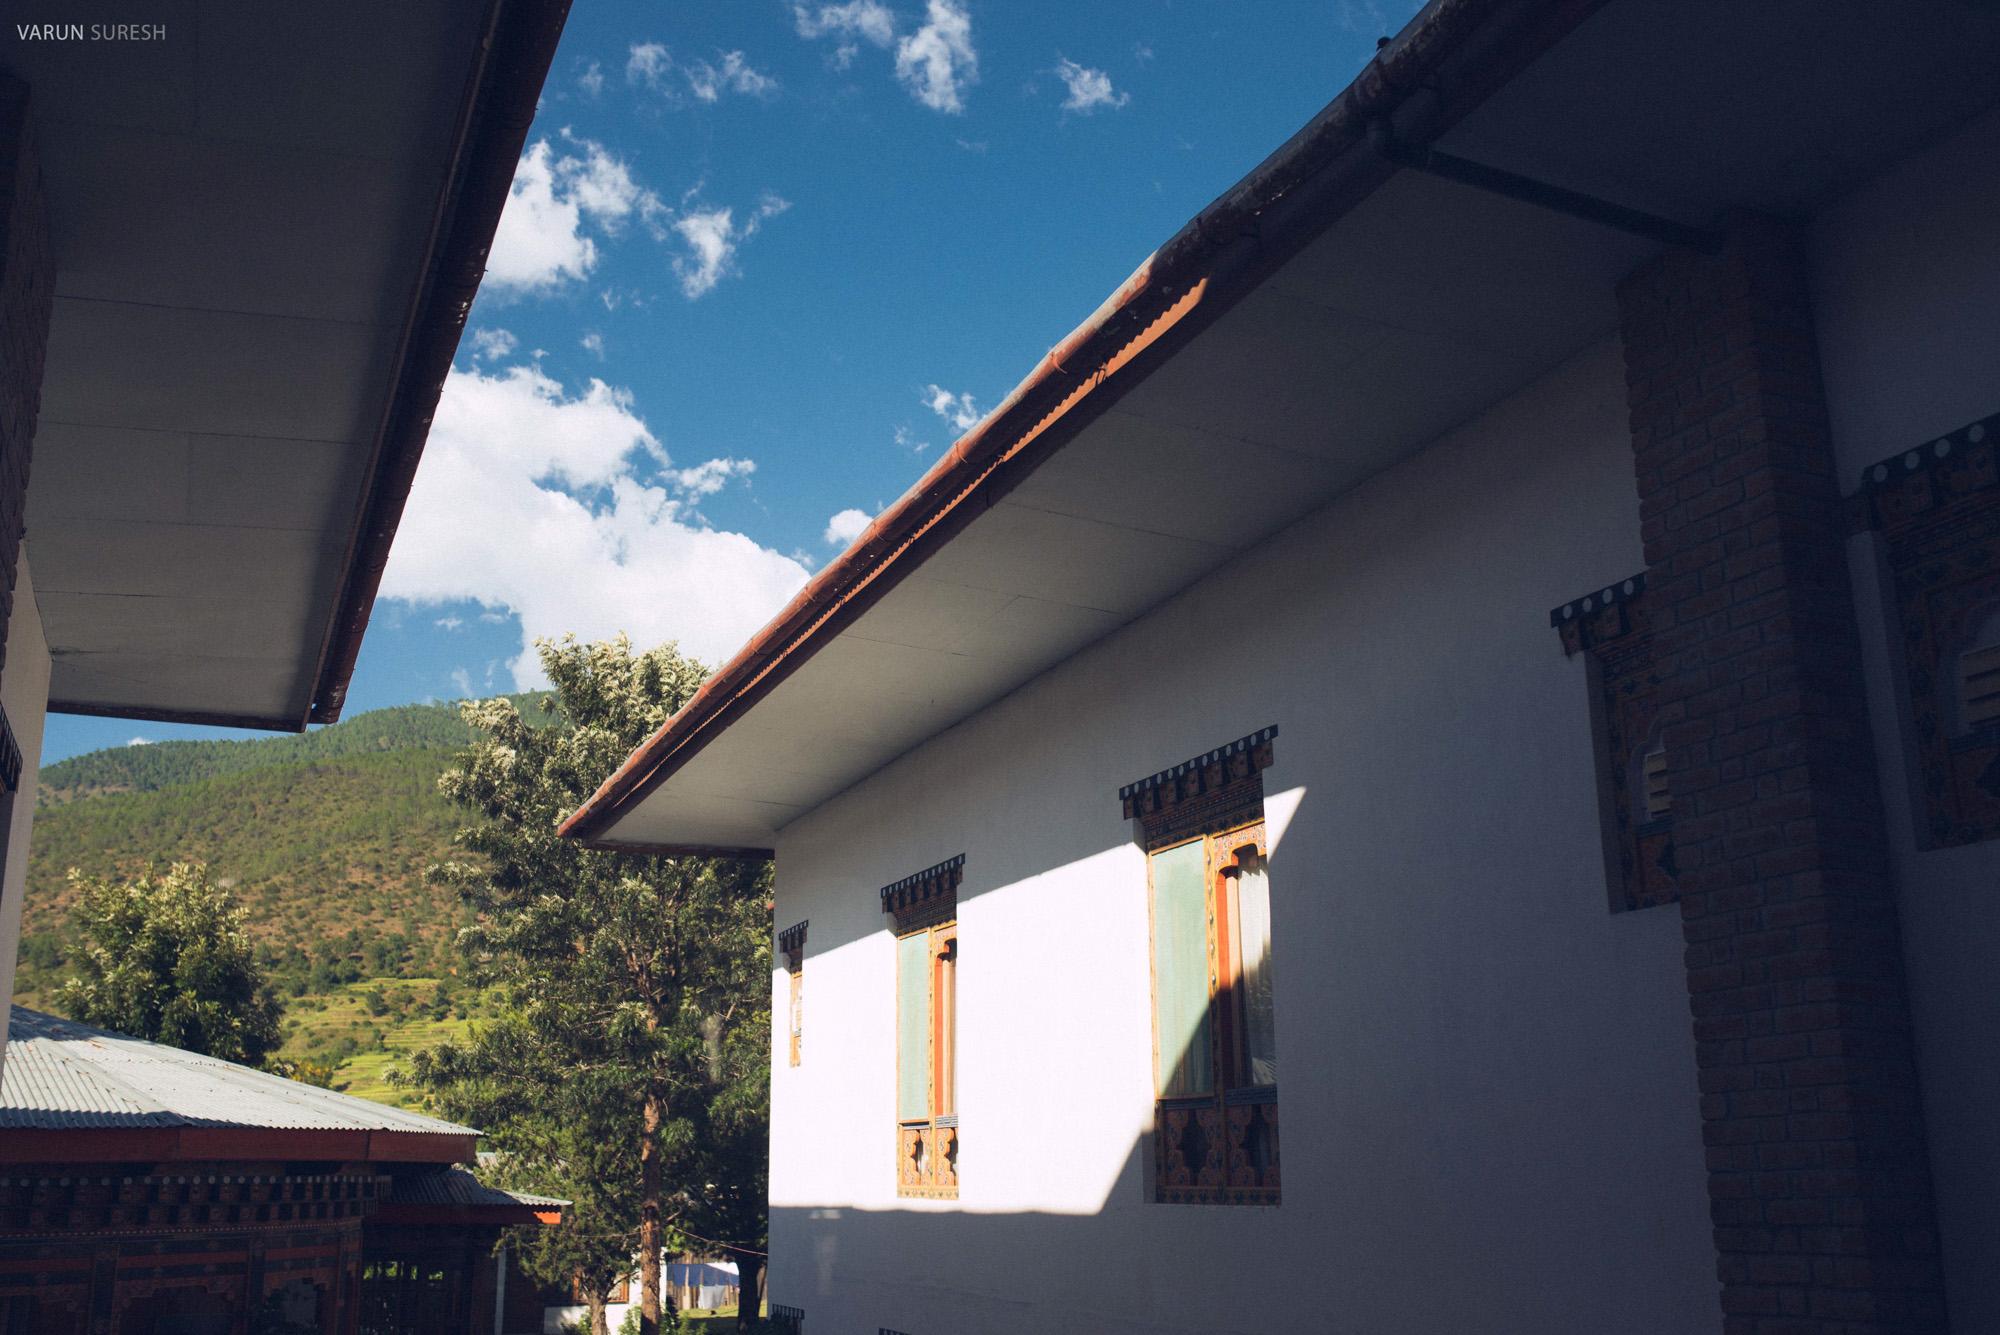 Bhutan_087.jpg